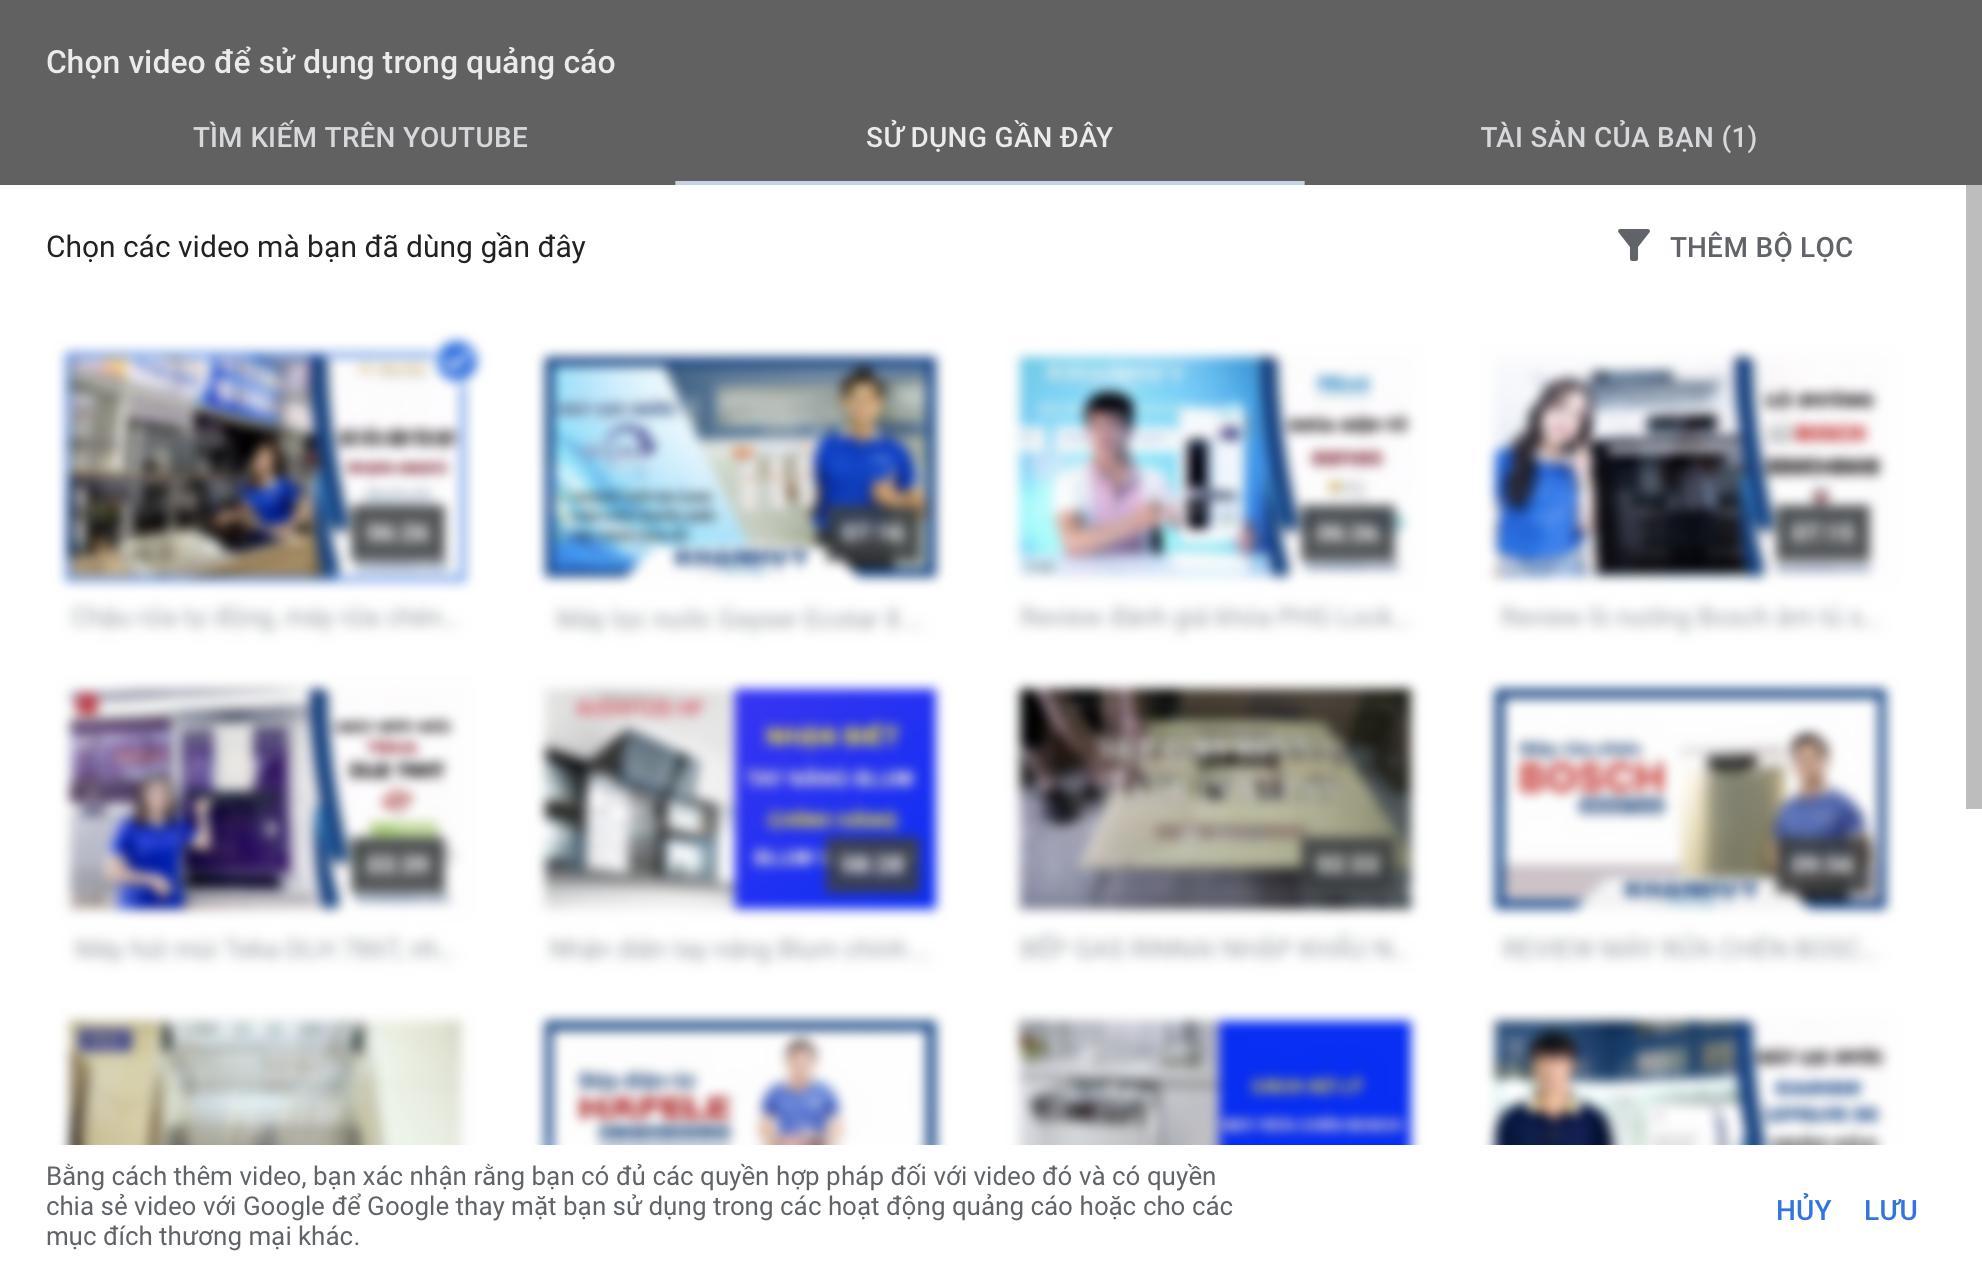 Chọn video để sử dụng trong quảng cáo